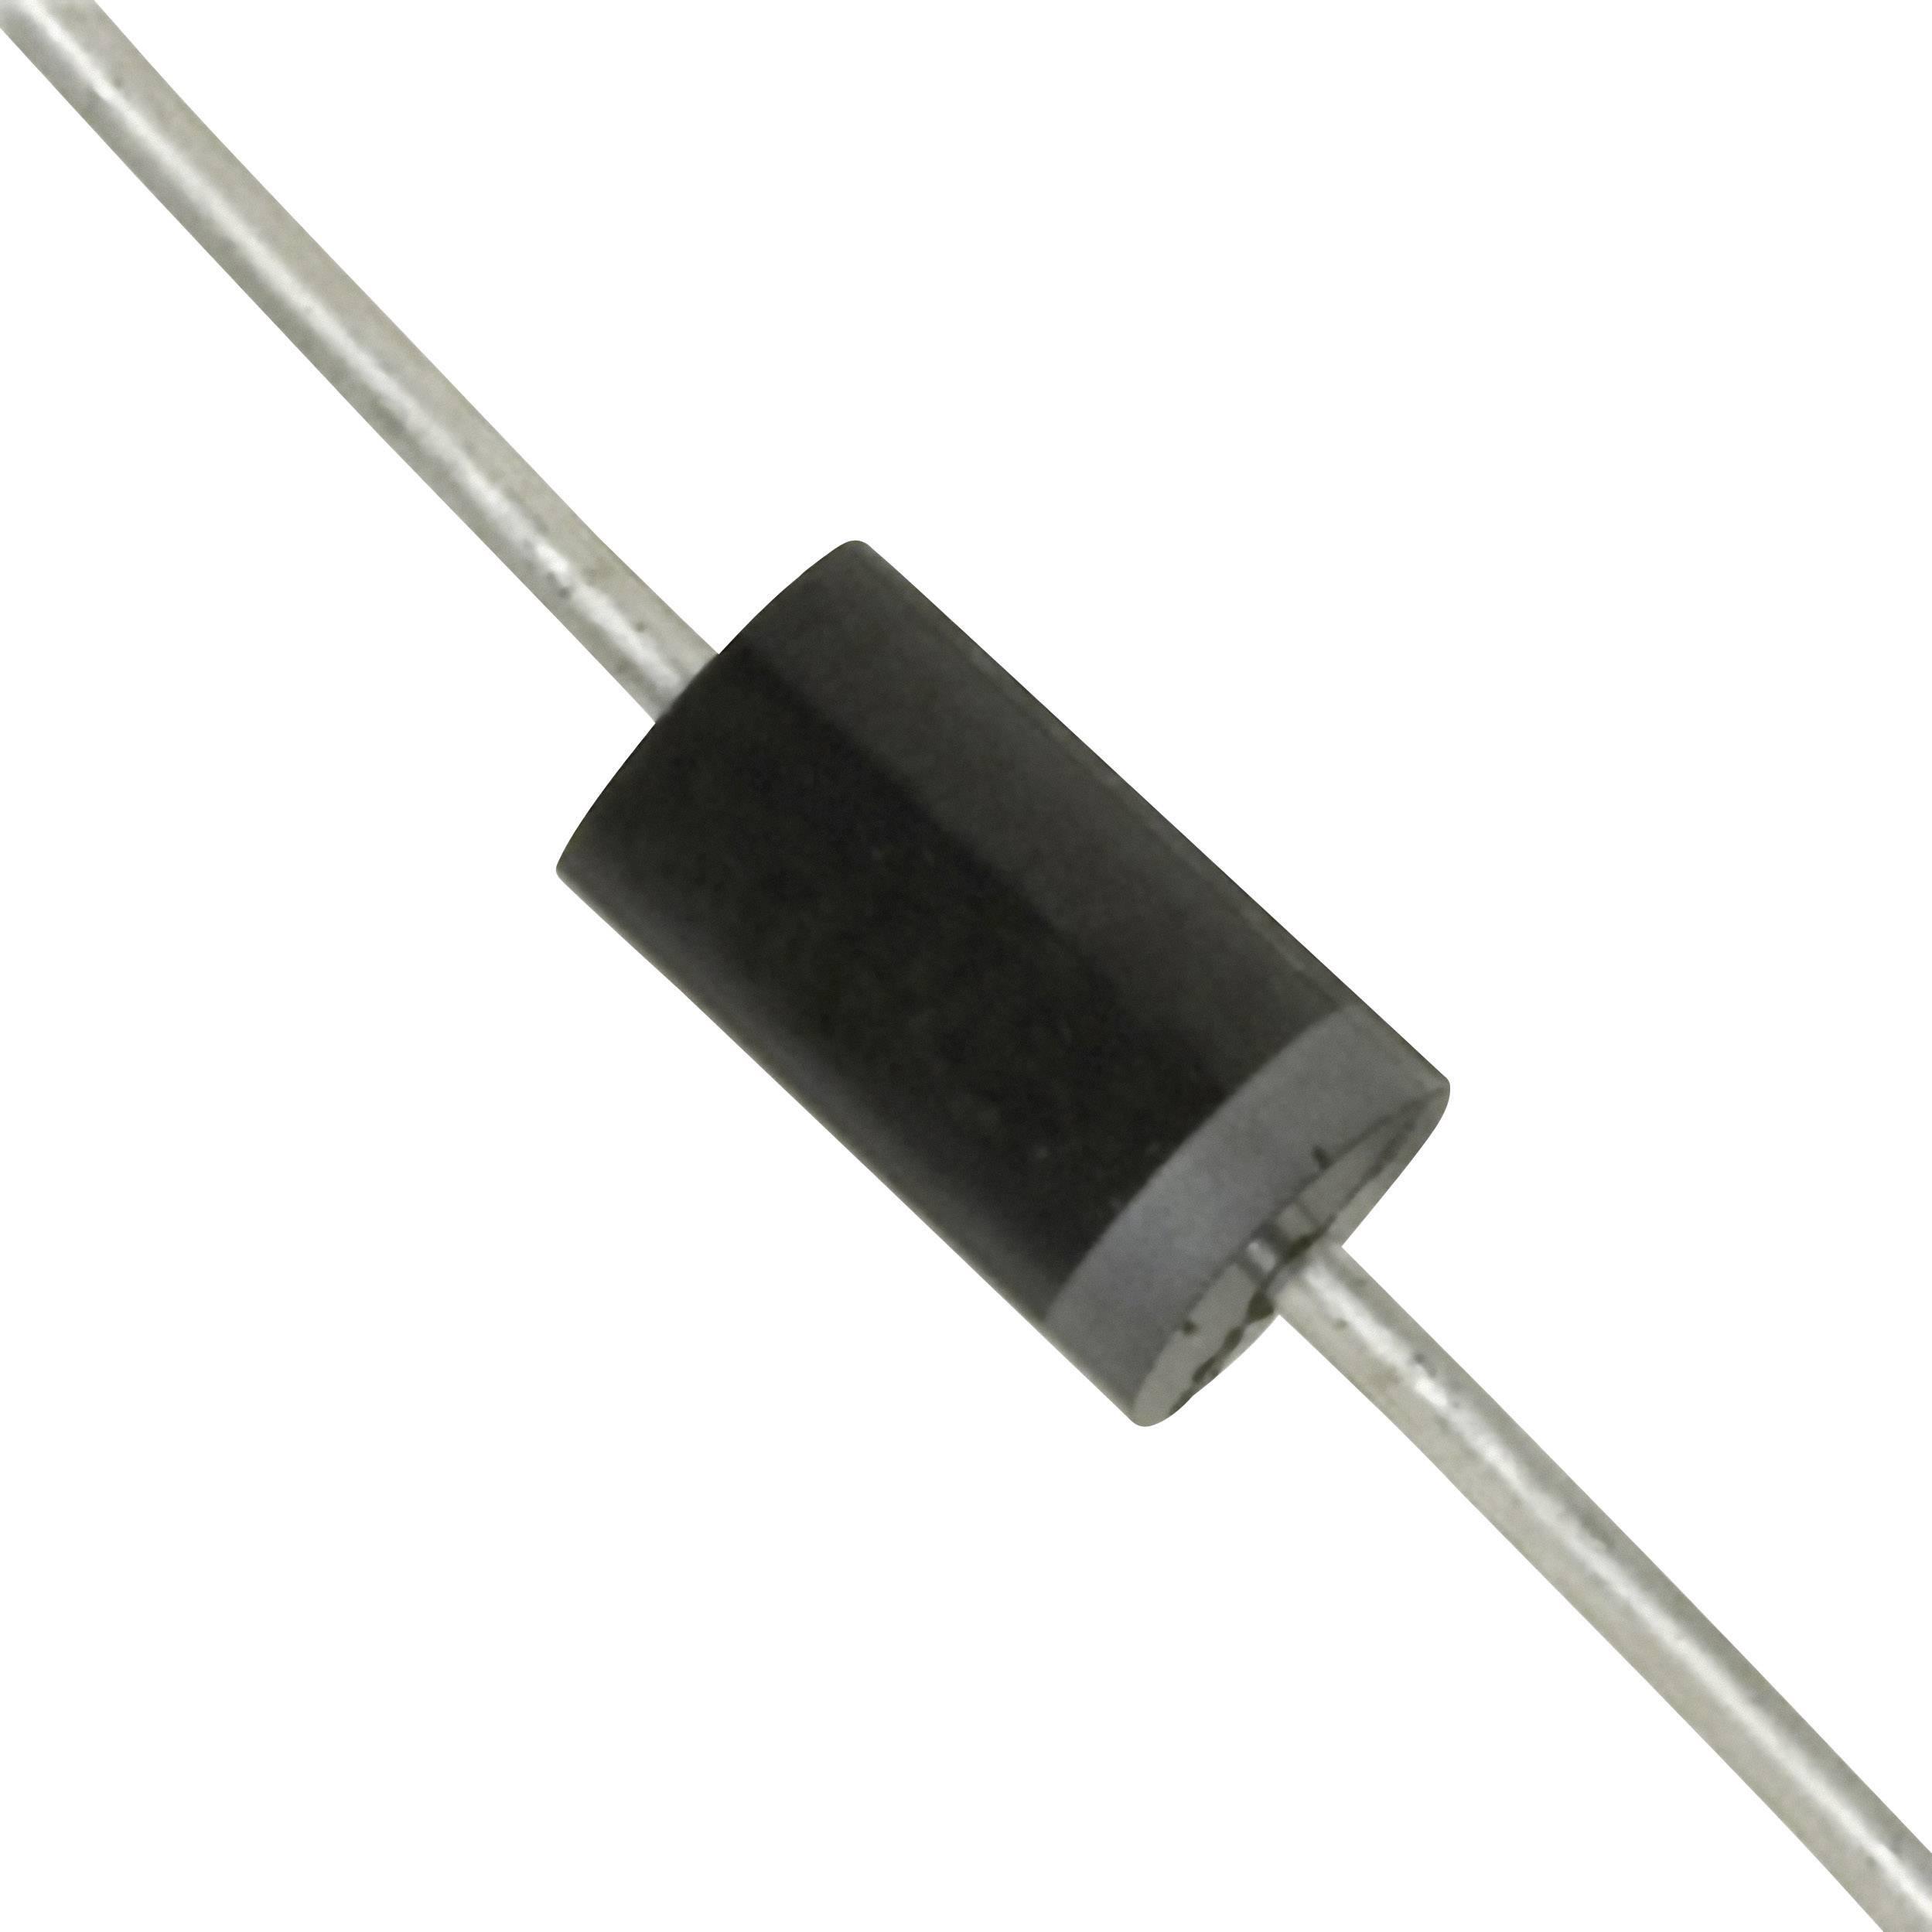 Dióda Z Diotec ZPD18, DO-35, zener. napätie 18 V